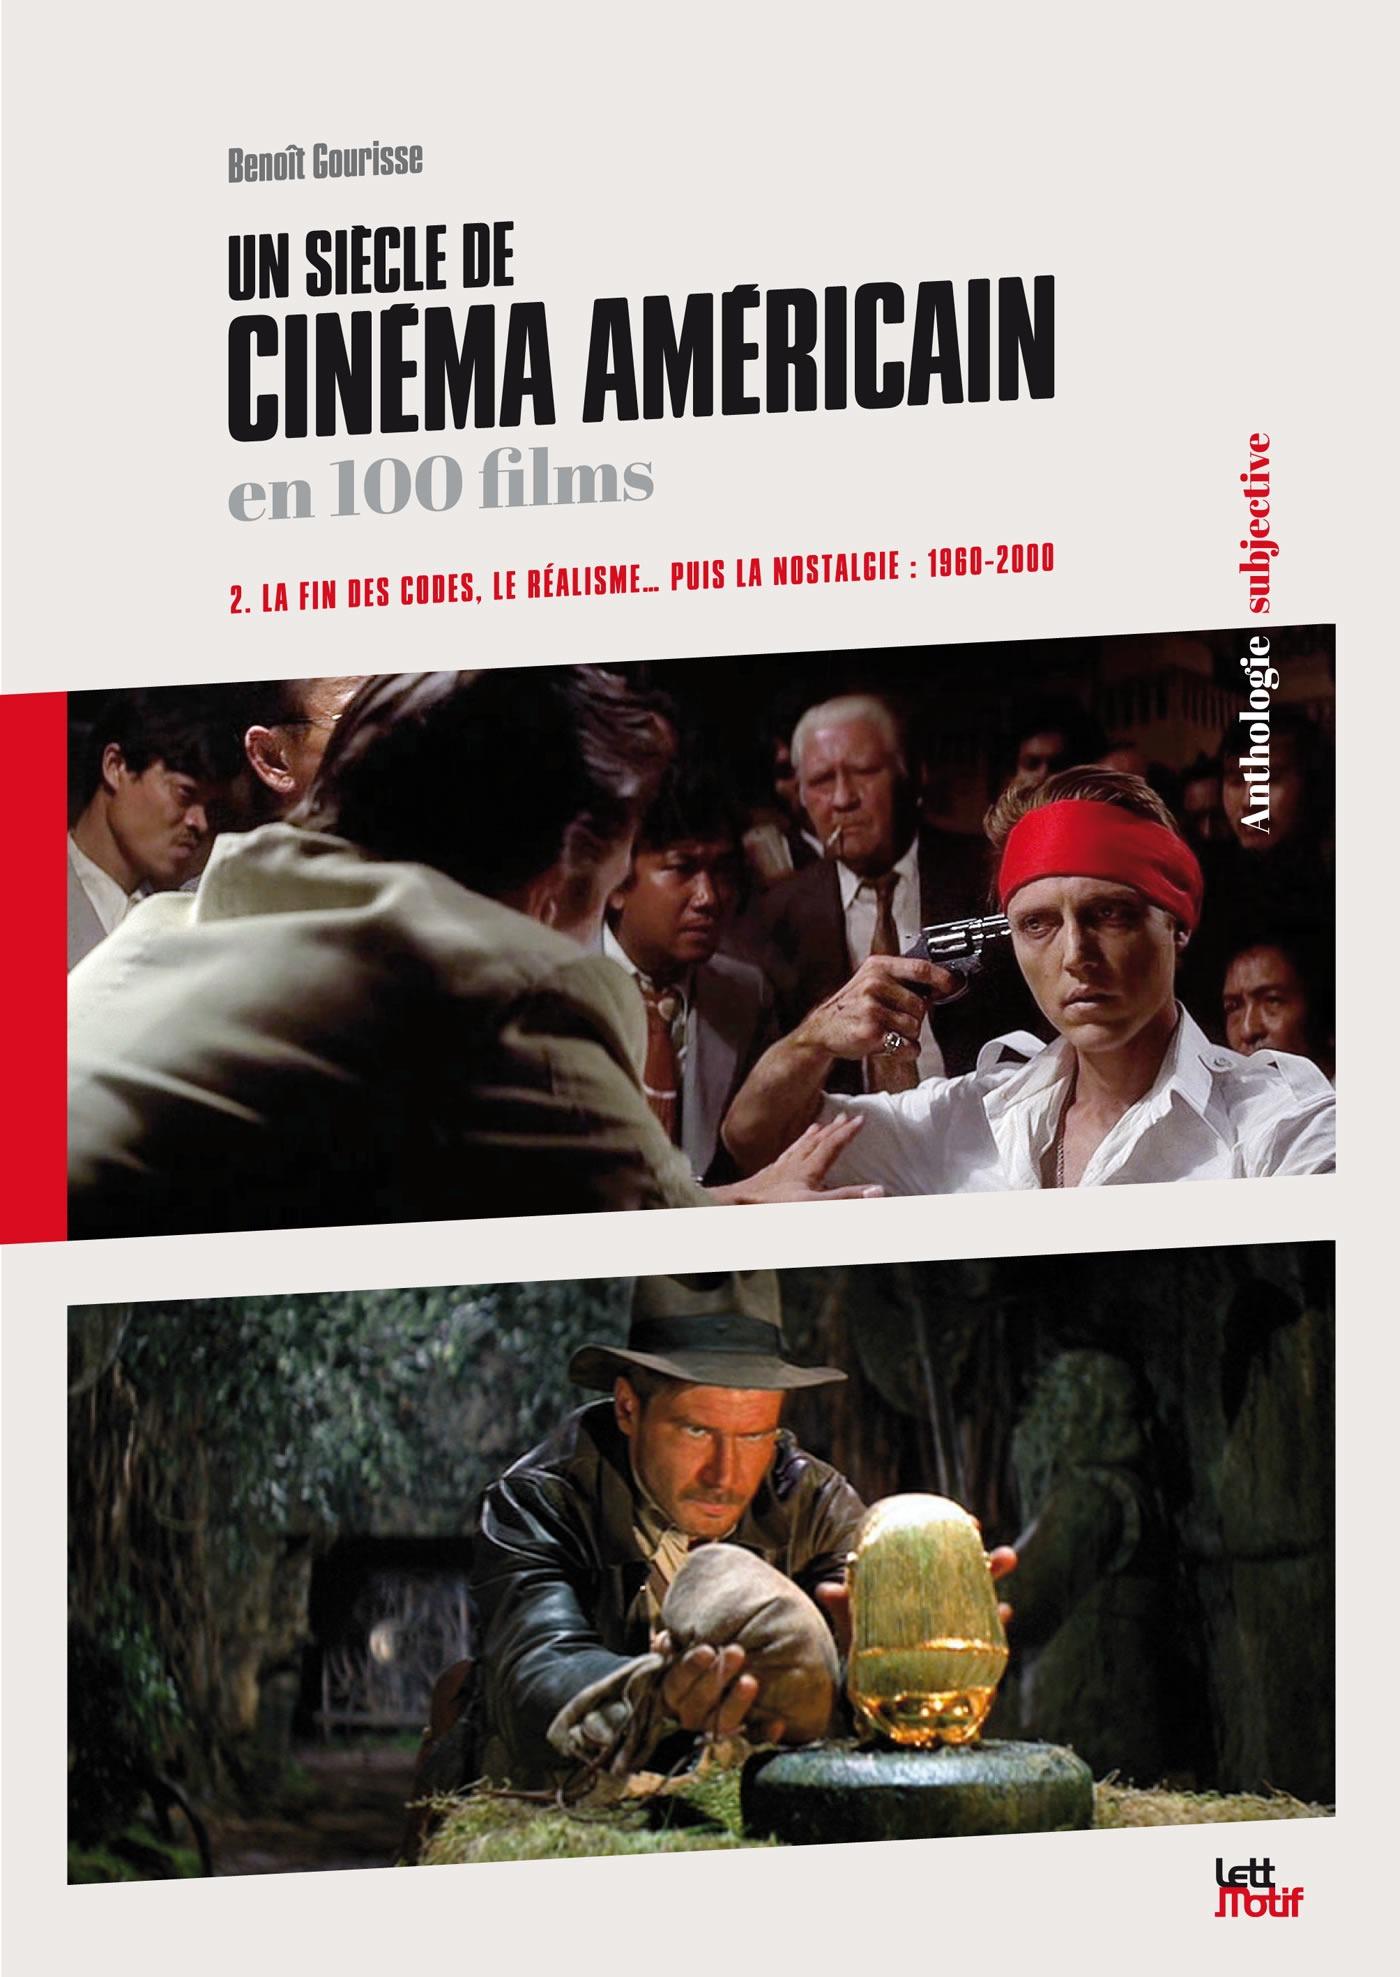 Un siècle de cinéma américain en 100 films t.2 ; la fin de codes, le réalisme... puis la nostalgie : 1960 - 2000